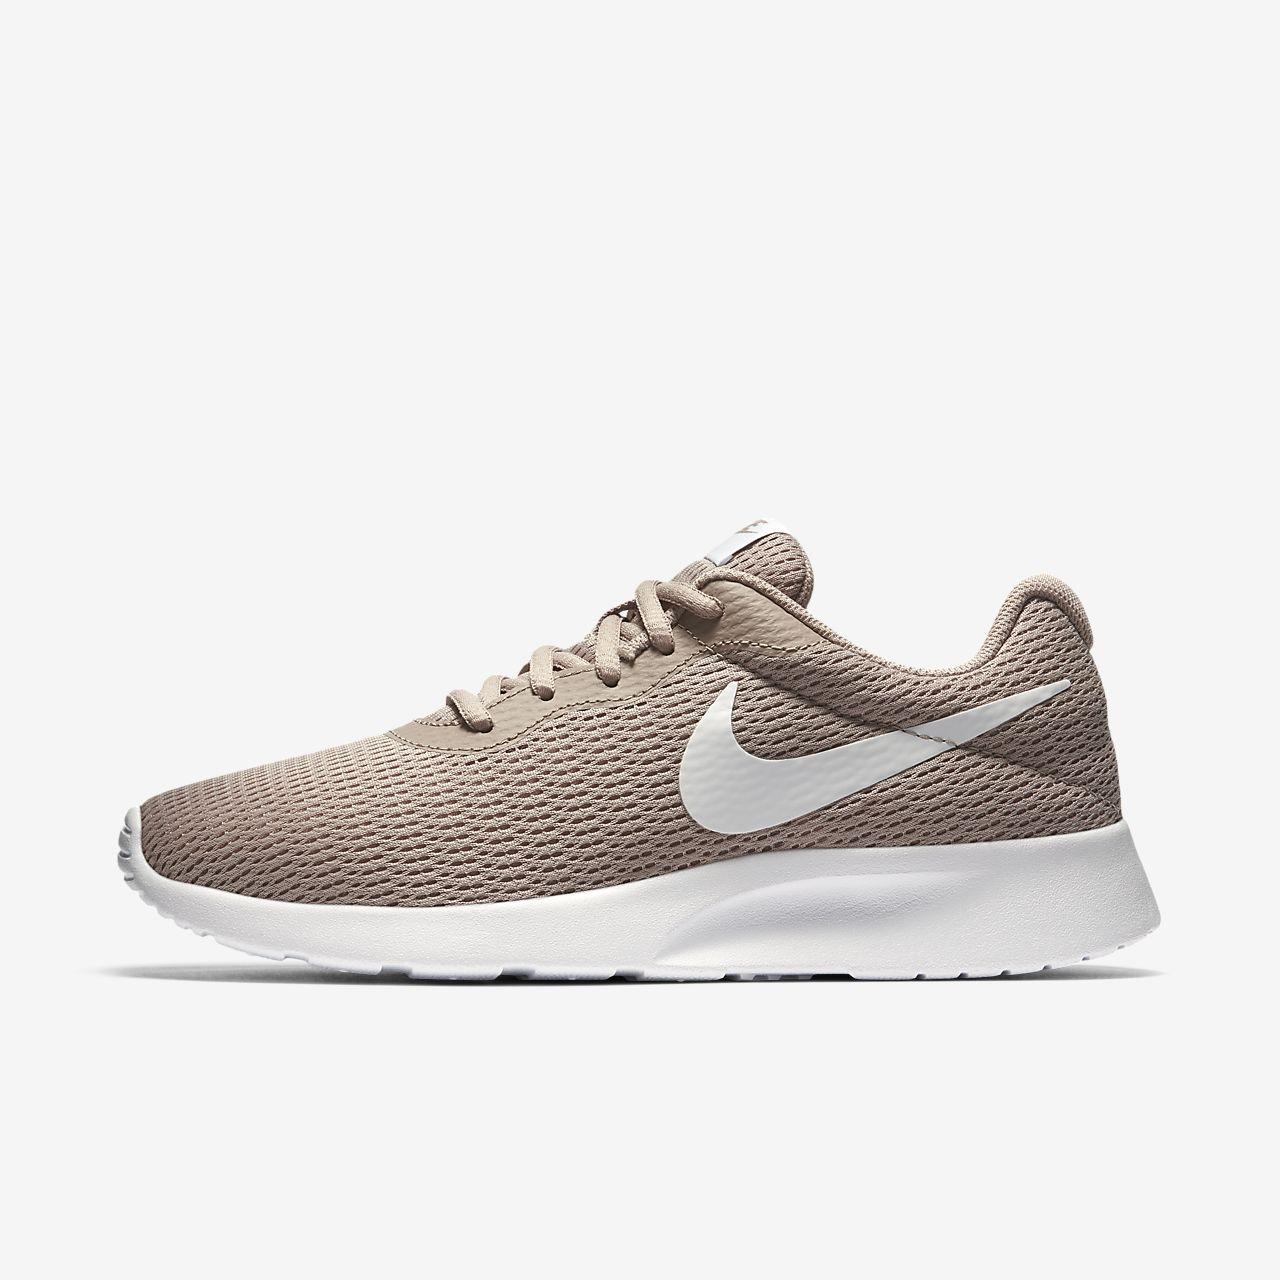 Nike Blazers Orta Kadınlar Popüler Ayakkabı Siyah Beyaz Nefes